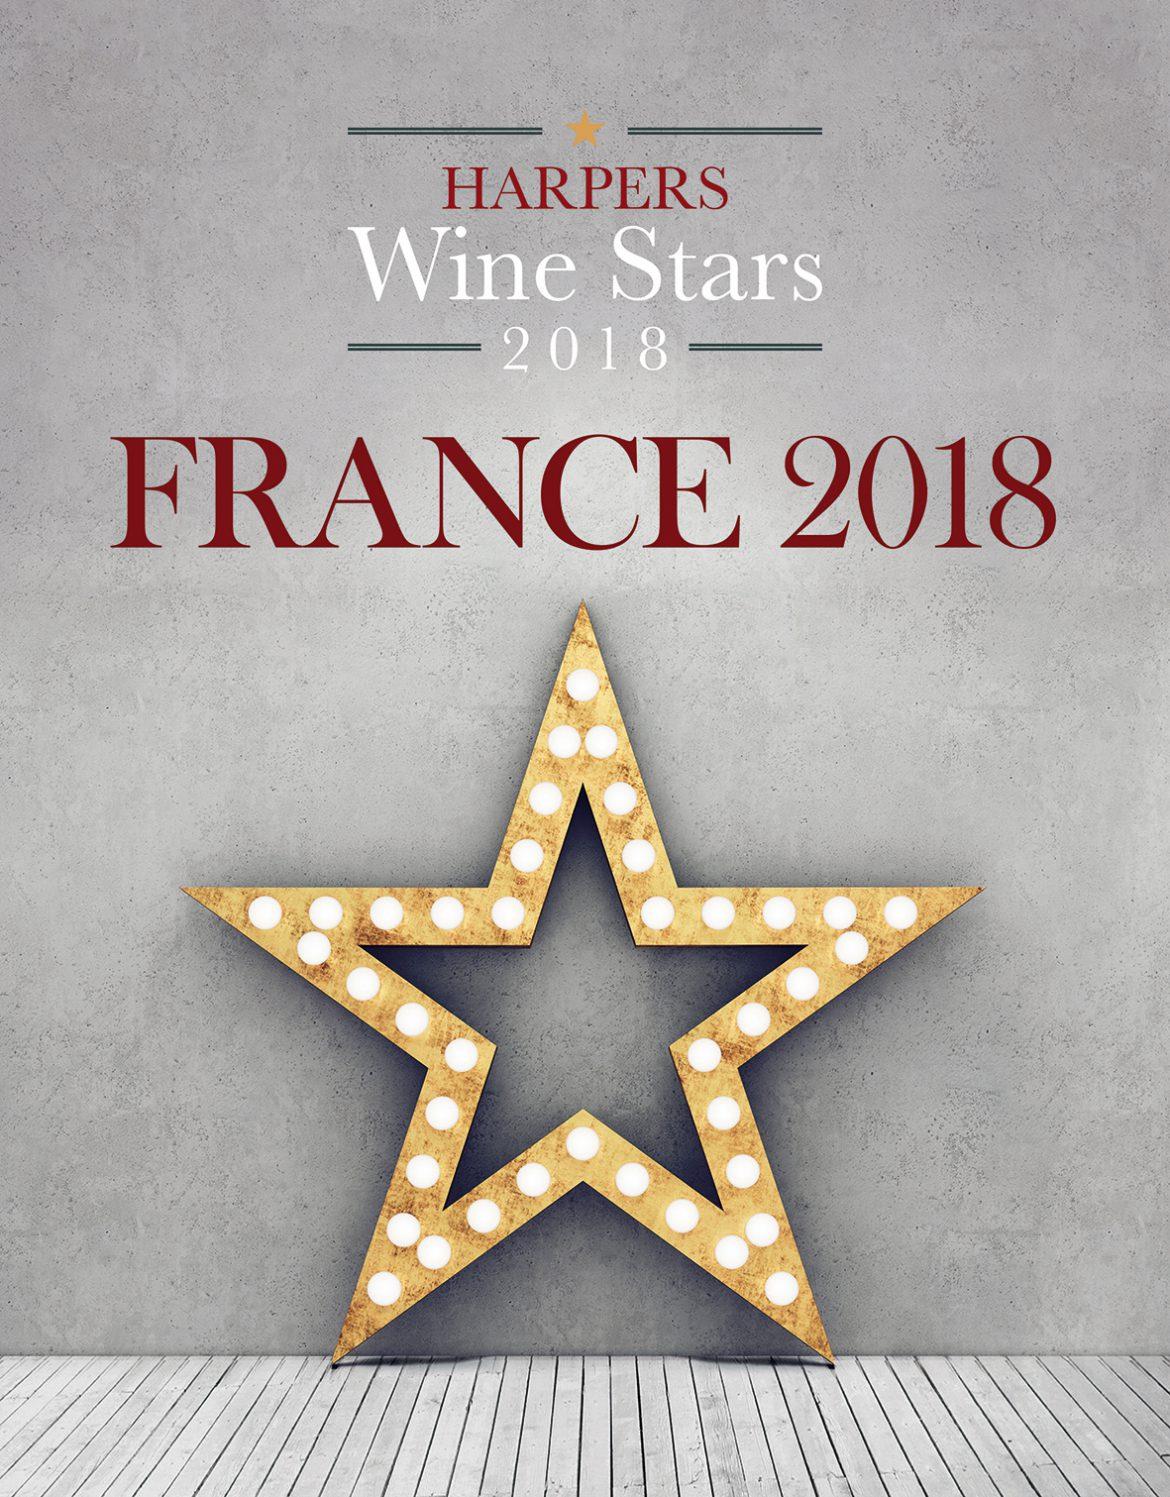 HWS_France_2018_cover.jpg